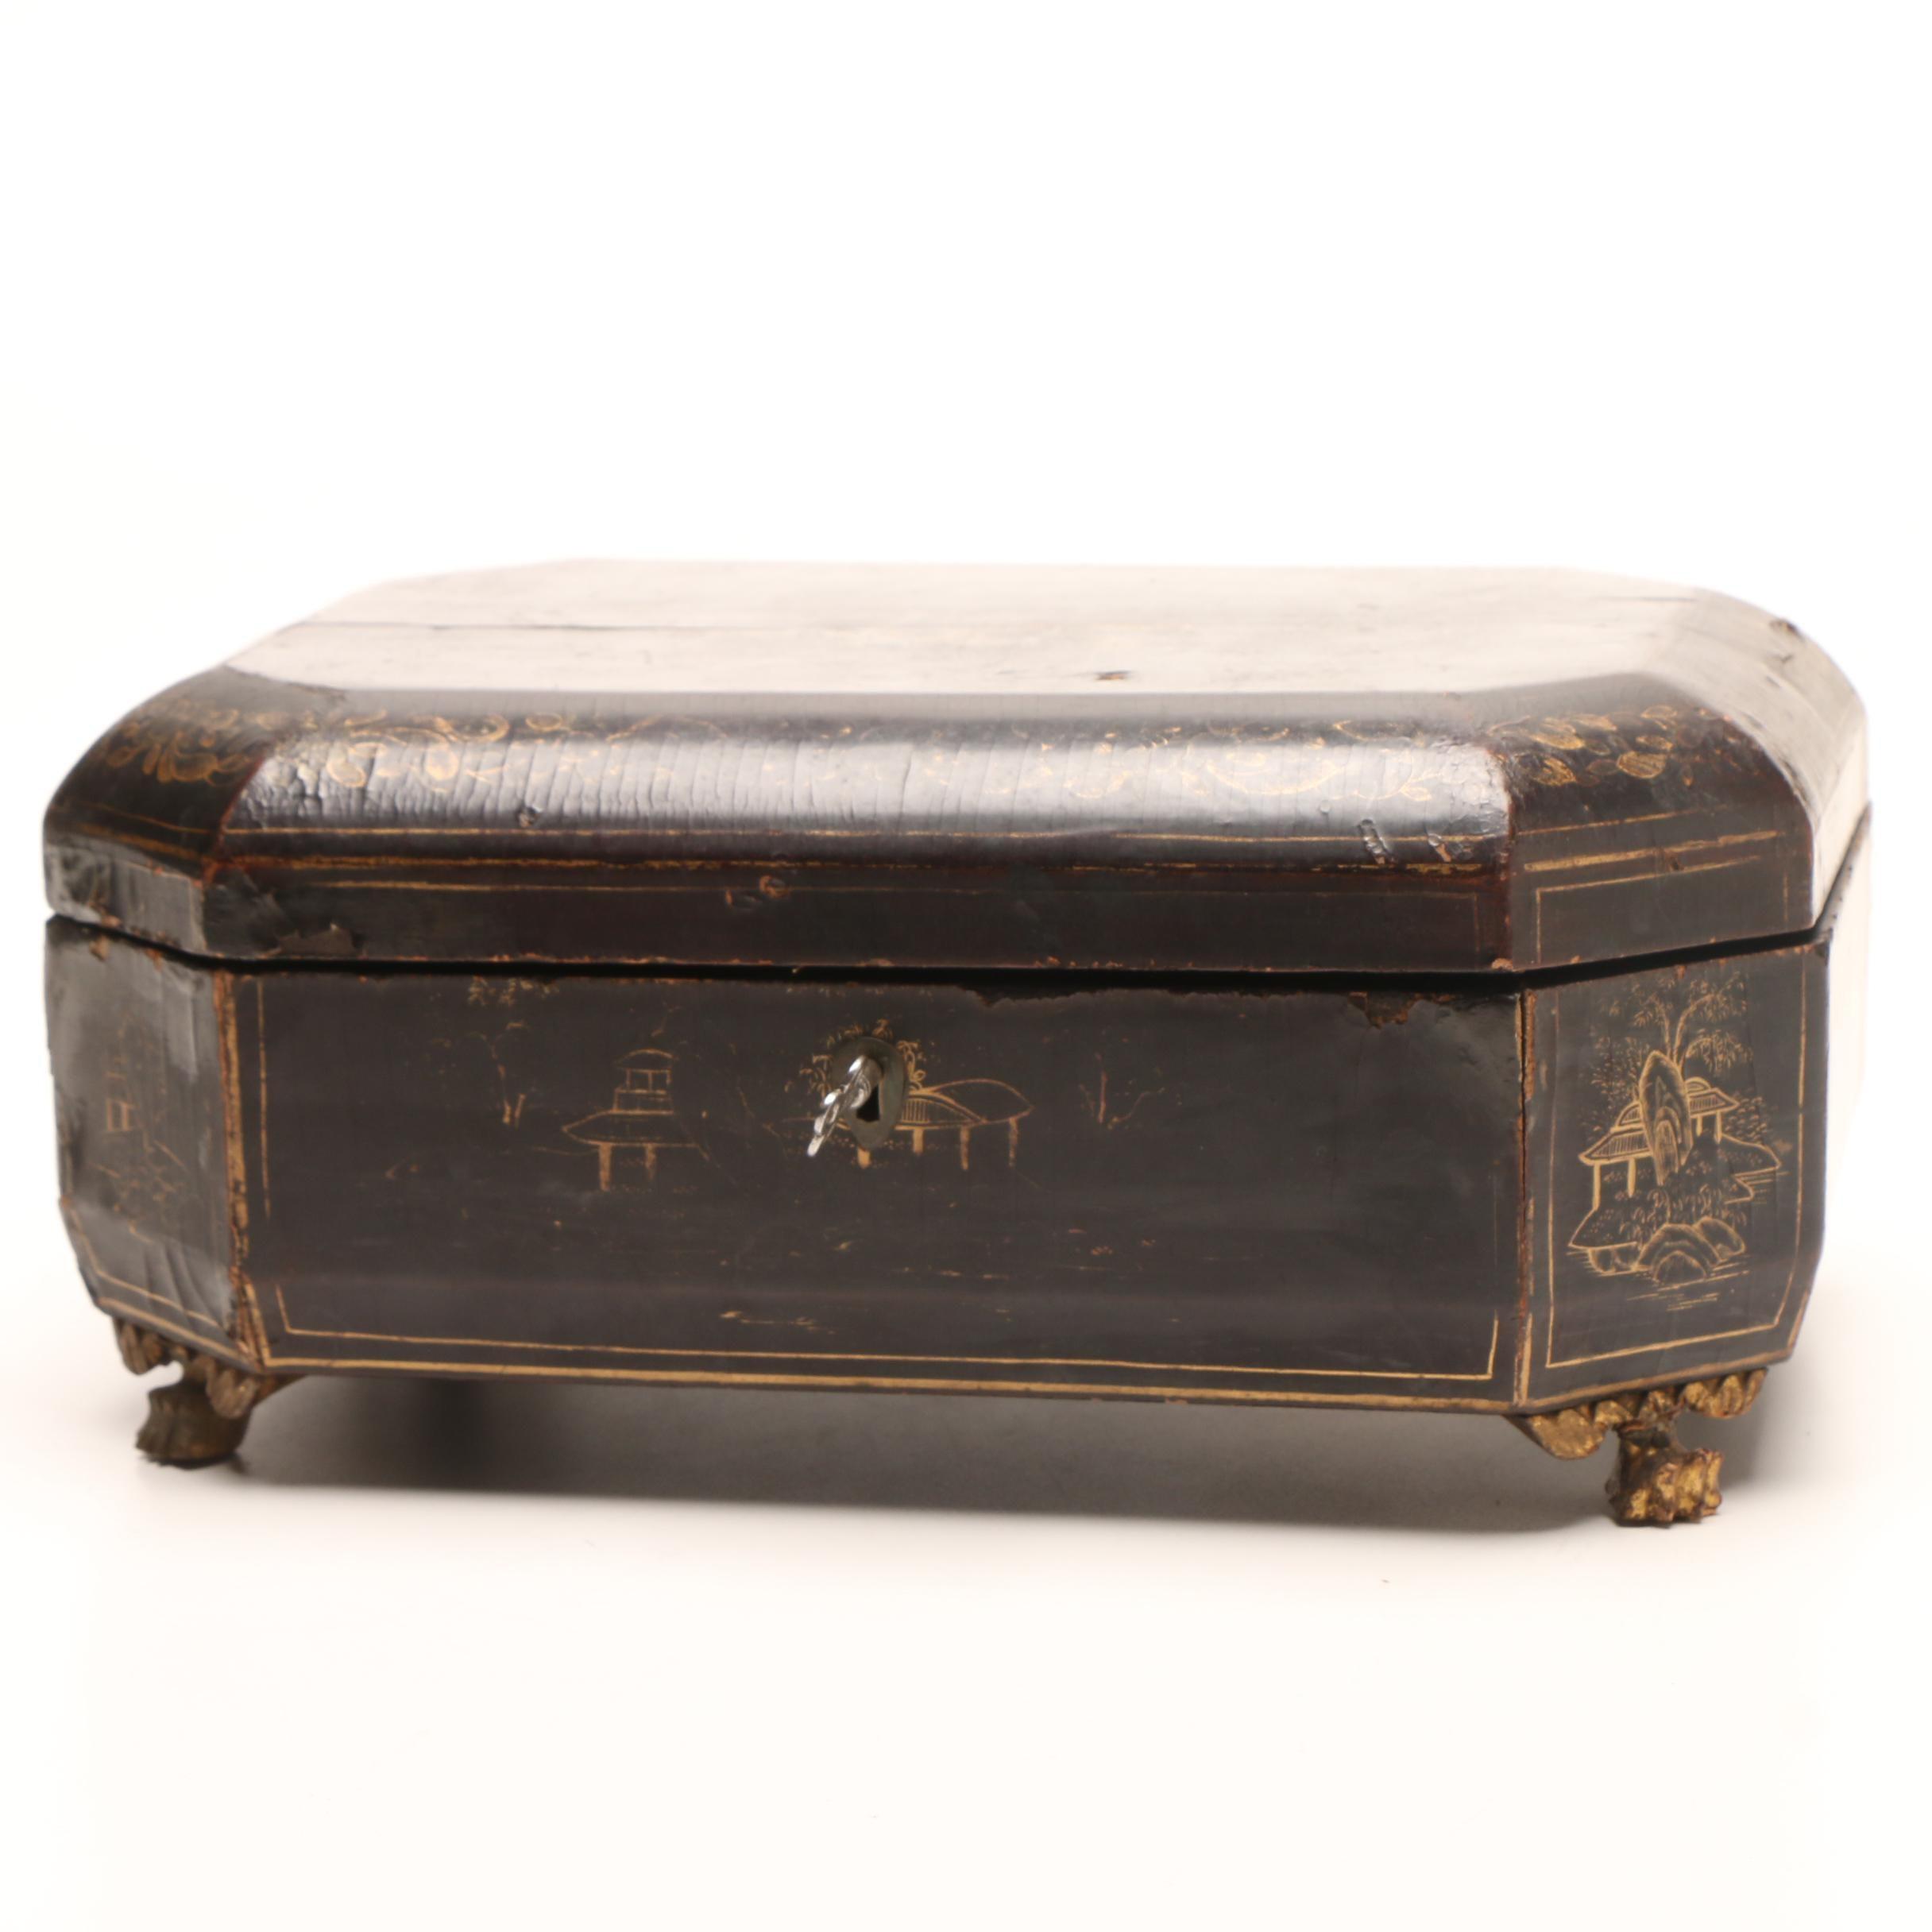 Antique Chinese Papier-mâché Jewelry Box